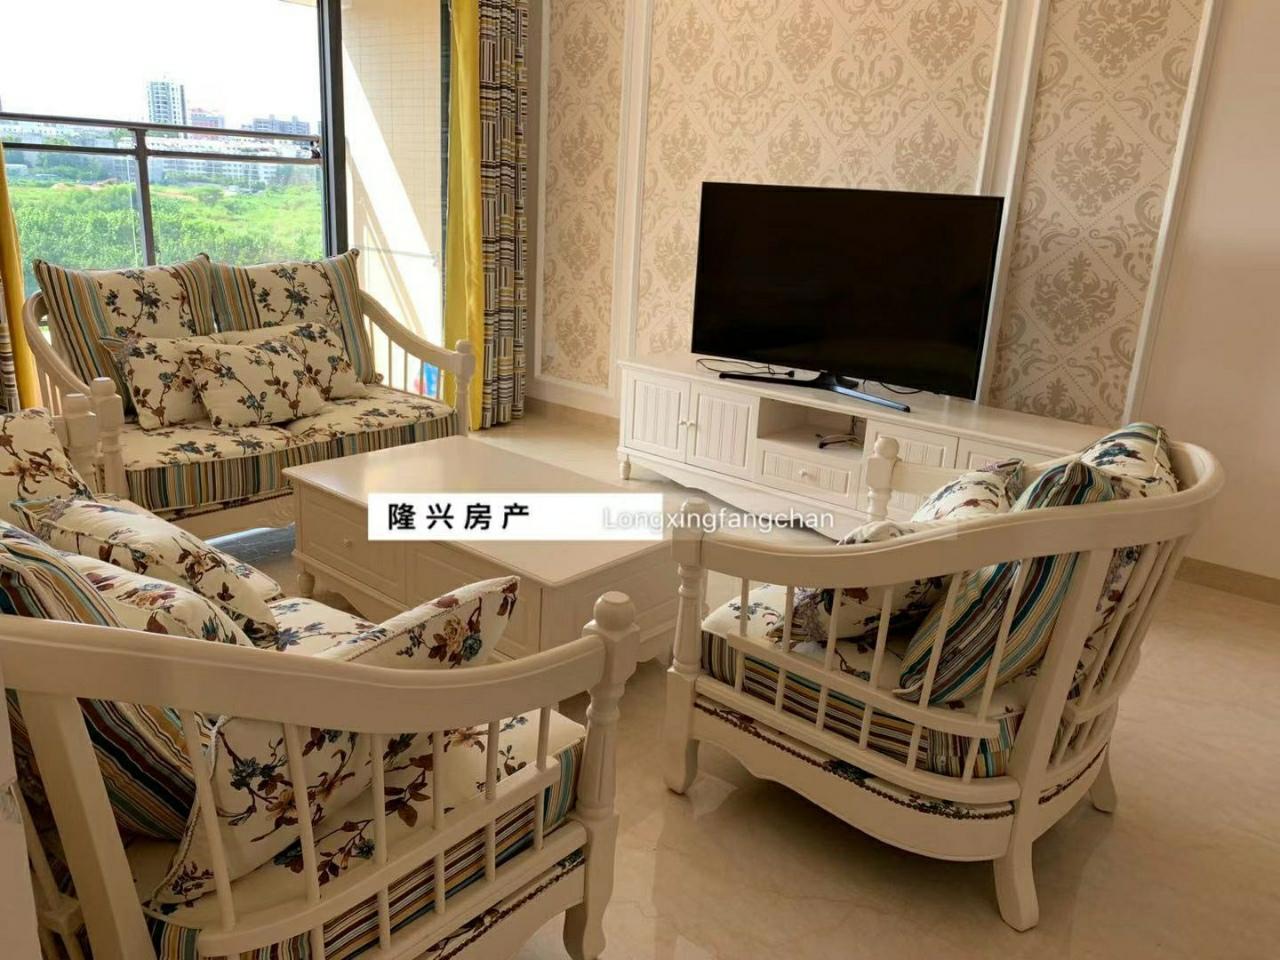 水榭丹堤3室2厅1卫78万元靓房